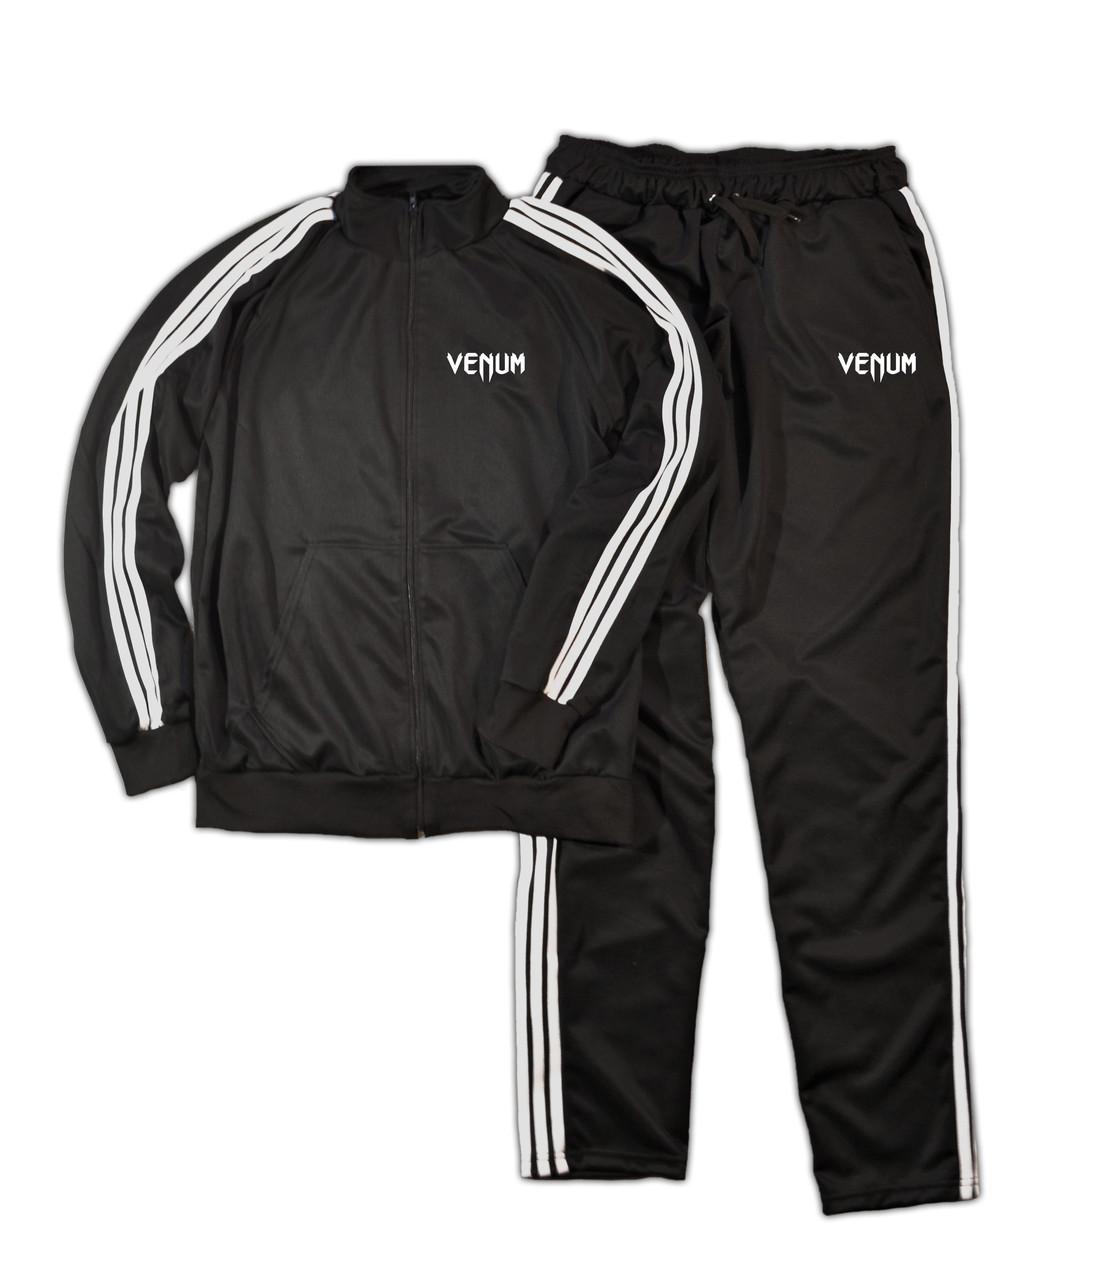 Тренировочный мужской спортивный костюм Venum (Венум)